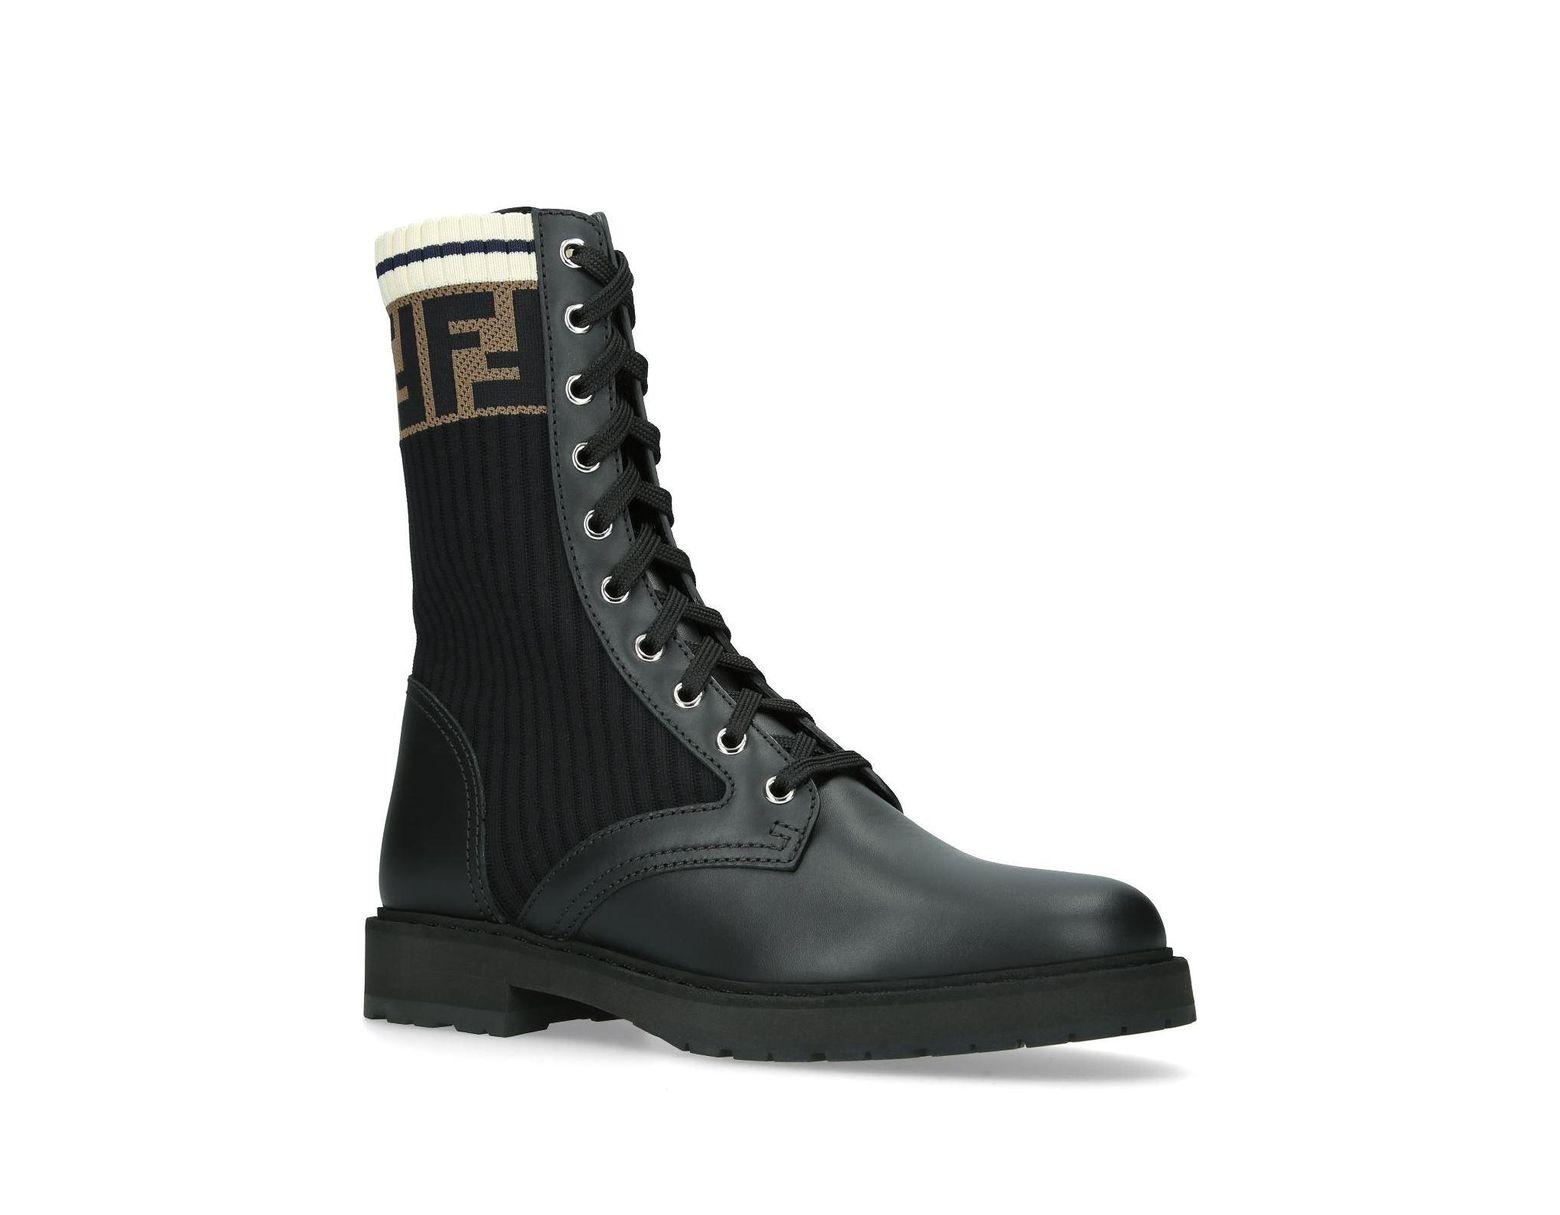 3ced7755 Women's Black Rockoko Combat Boots